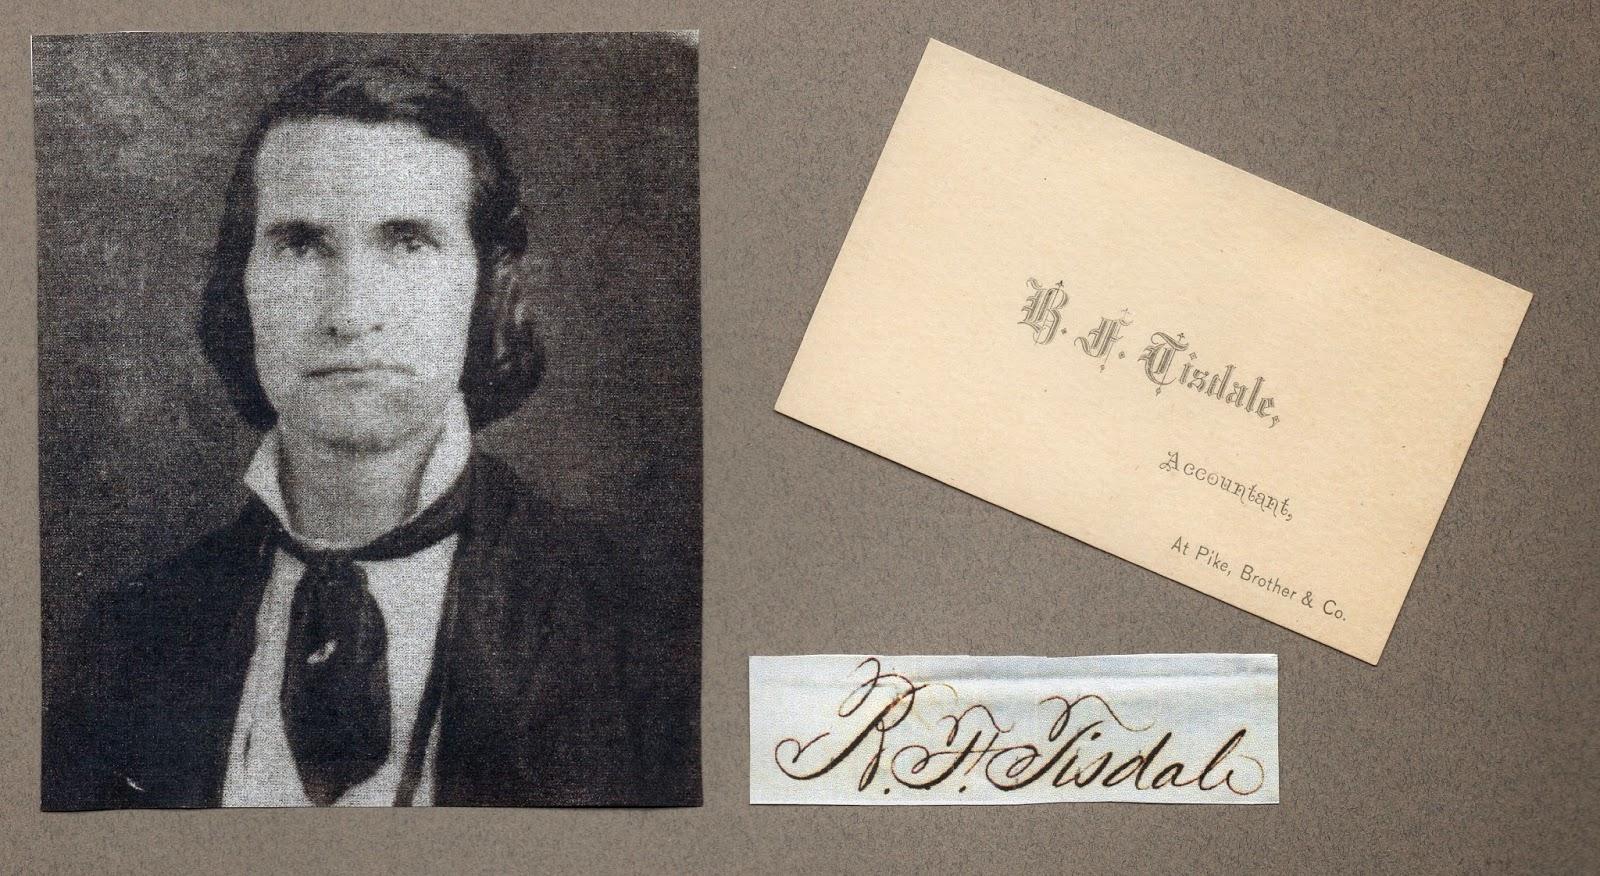 B. F. Tisdale c1850, belletisdale.blogspot.com